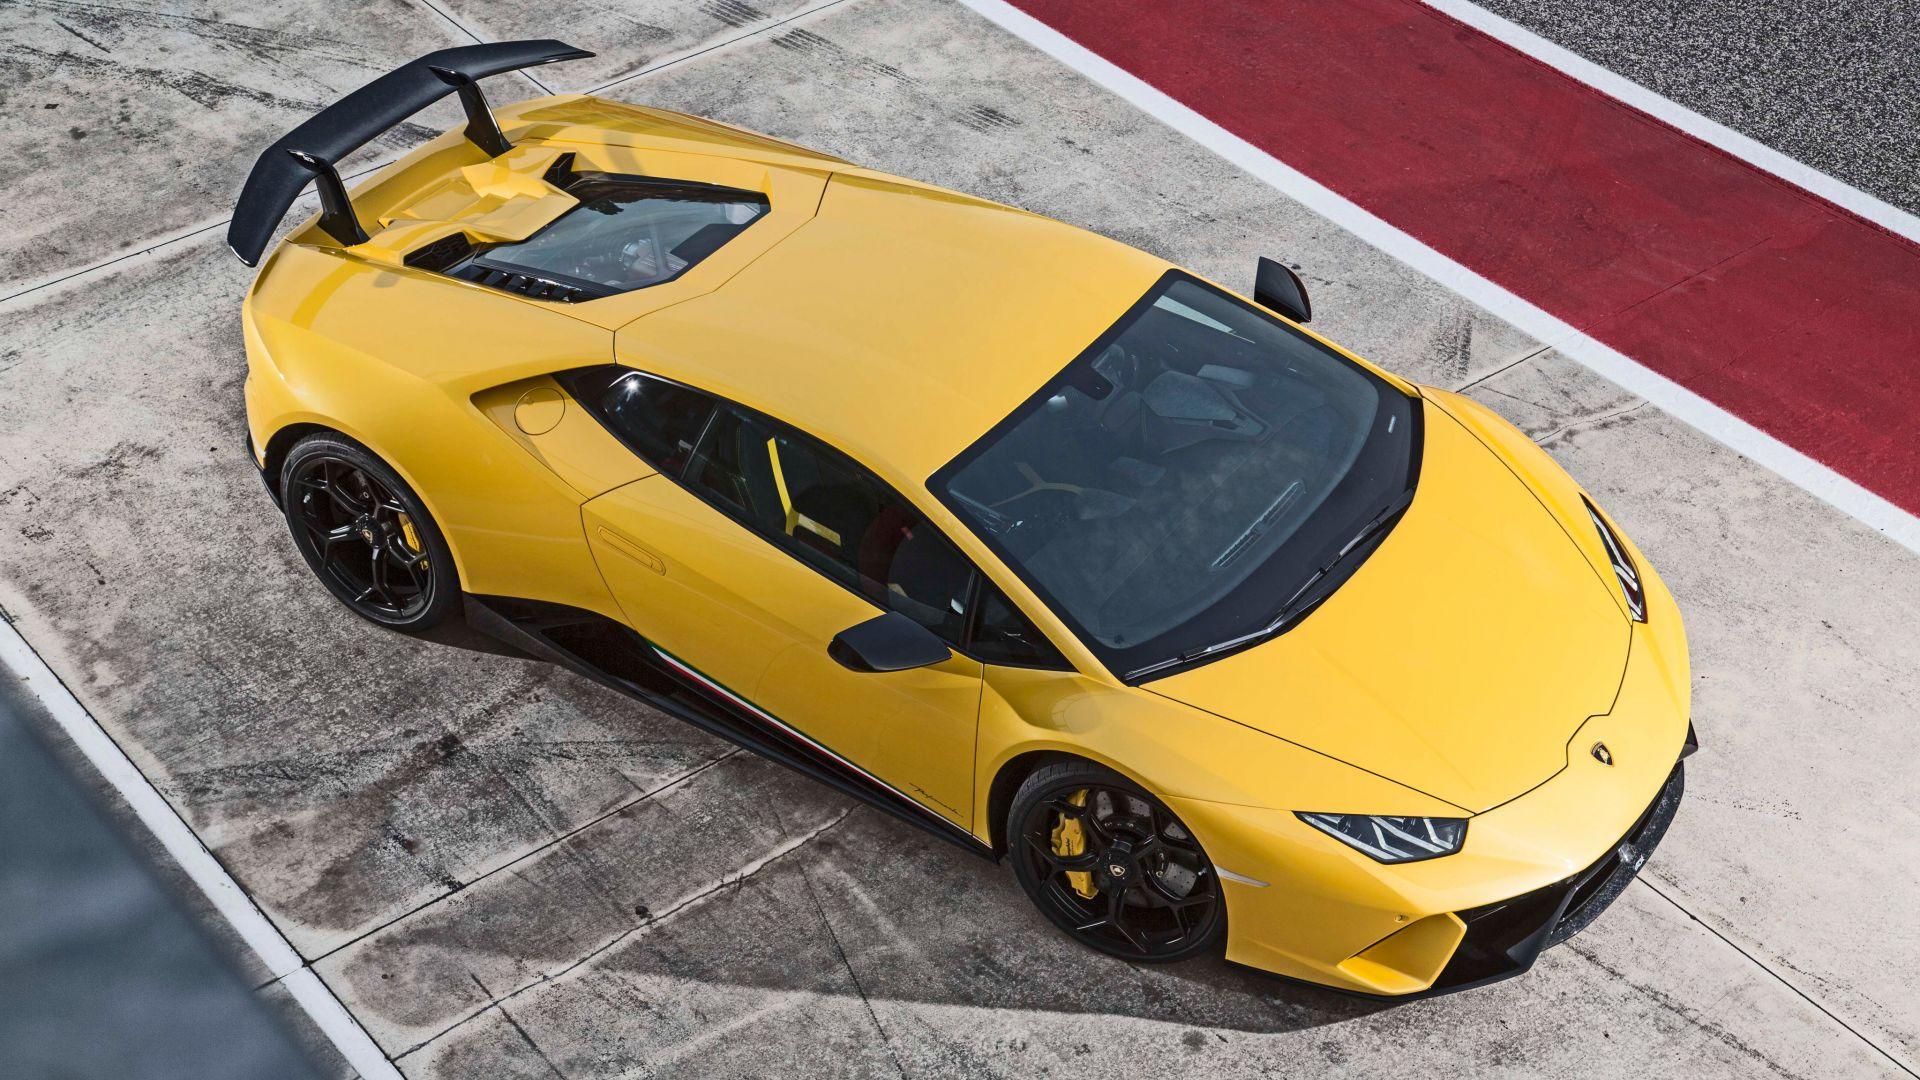 Desktop Wallpaper Lamborghini Huracan Performante 2018 Cars Yellow